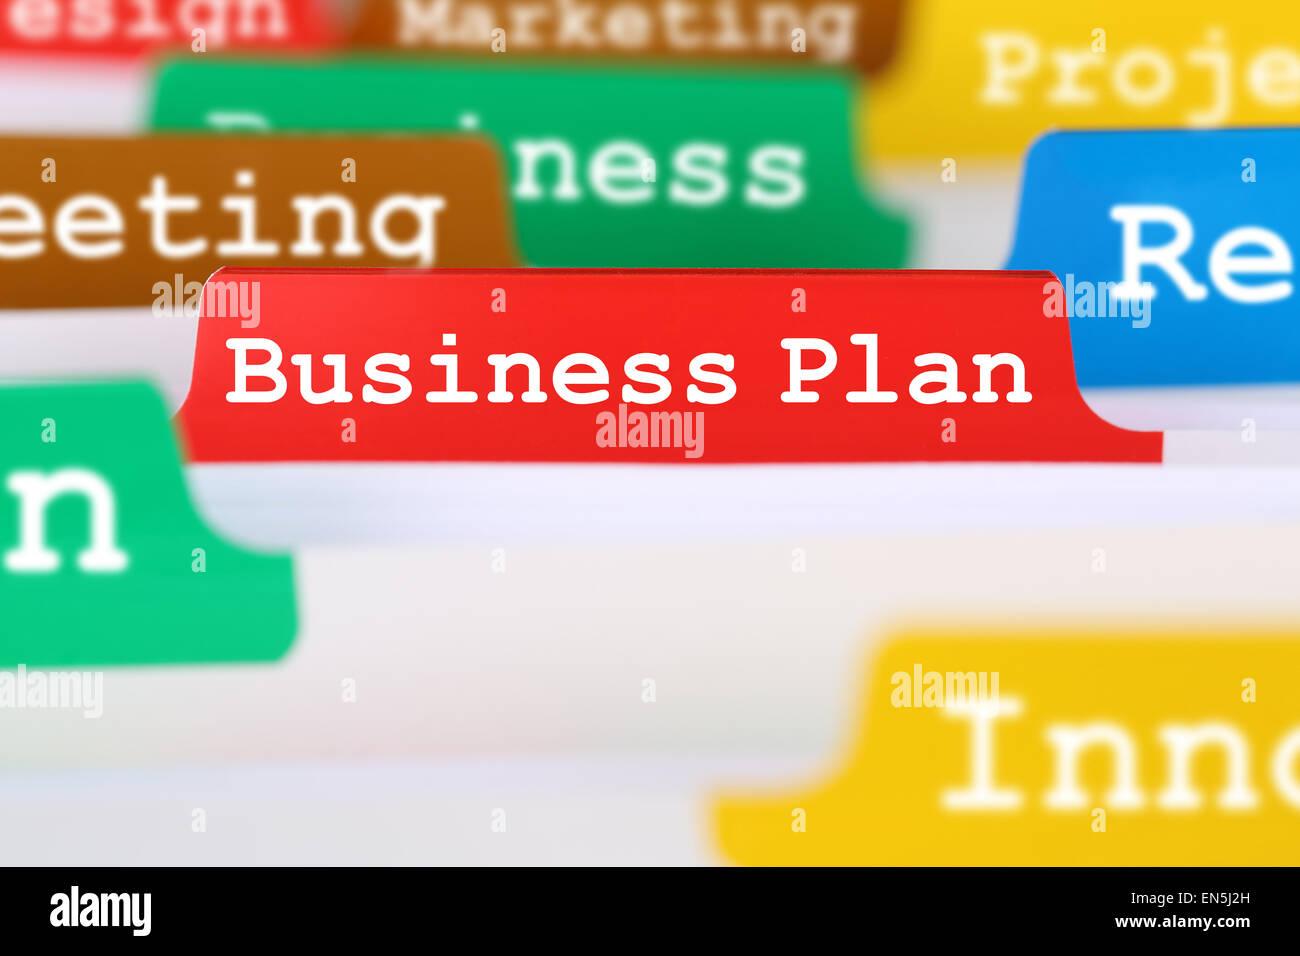 Business-Plan-Konzept für Erfolg und Wachstum beim Start eines neuen Unternehmens oder Start up Stockfoto